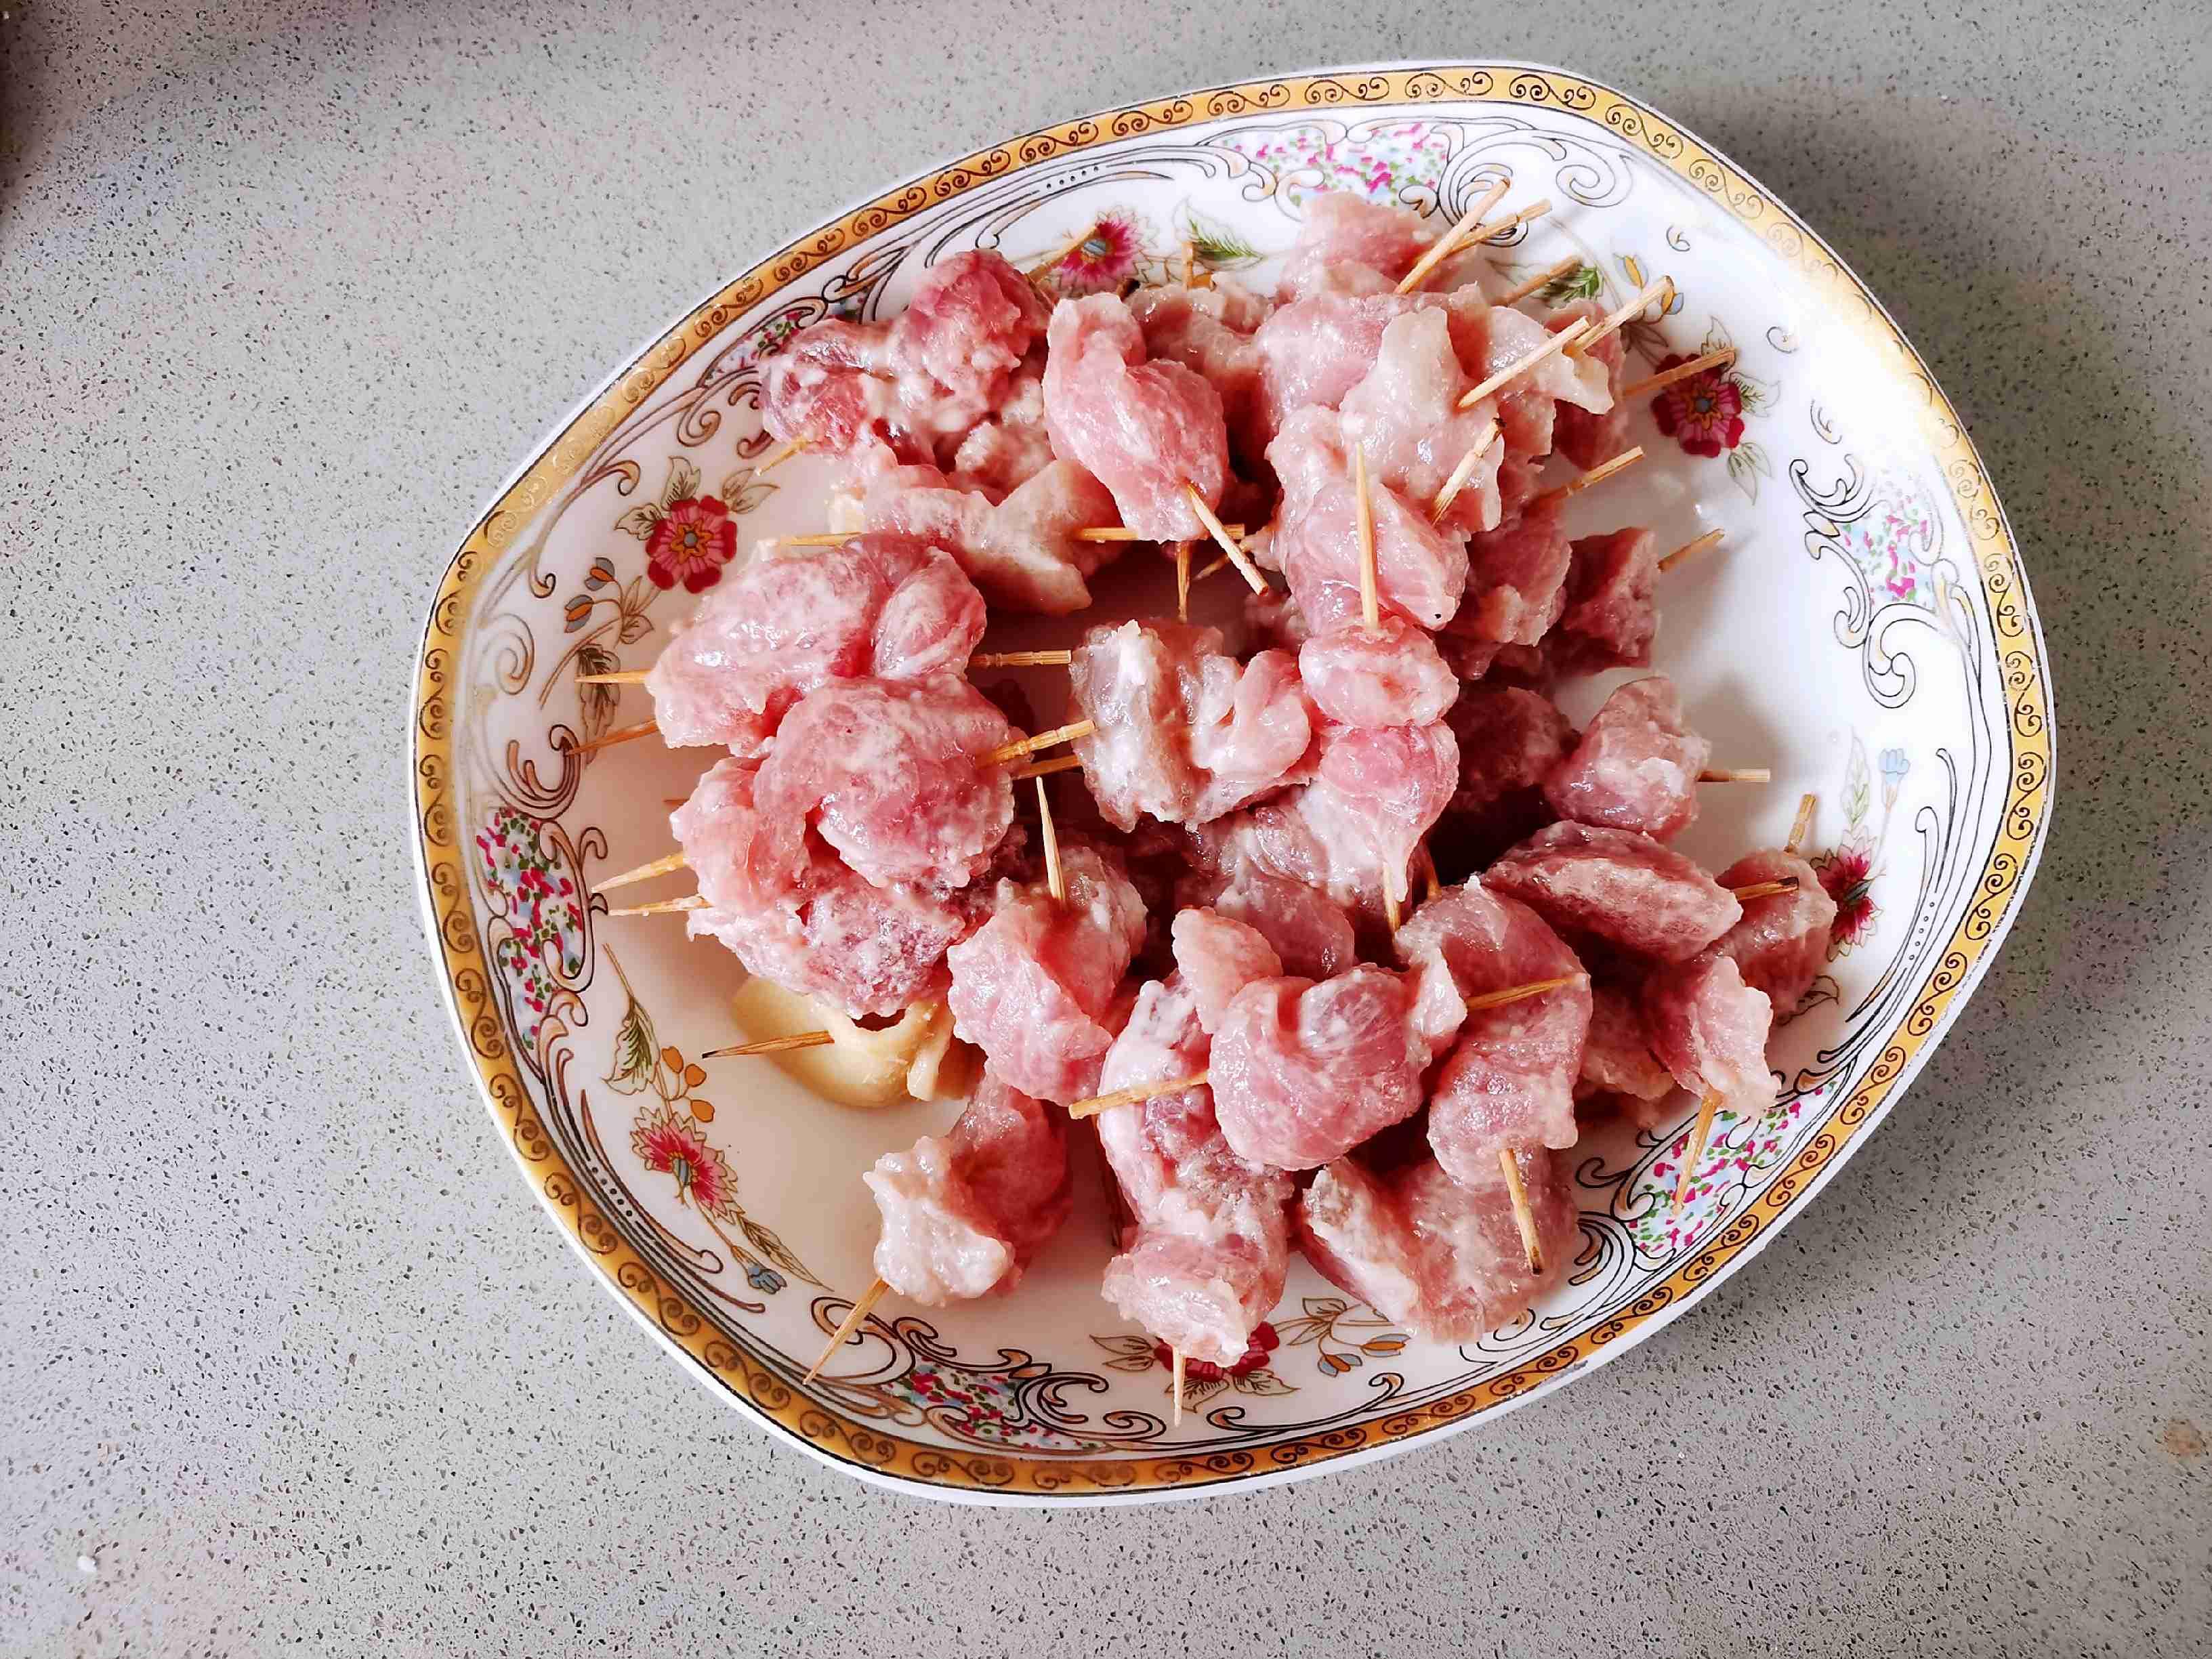 麻辣鲜香超过瘾的牙签肉,好吃到舔手指的家常做法